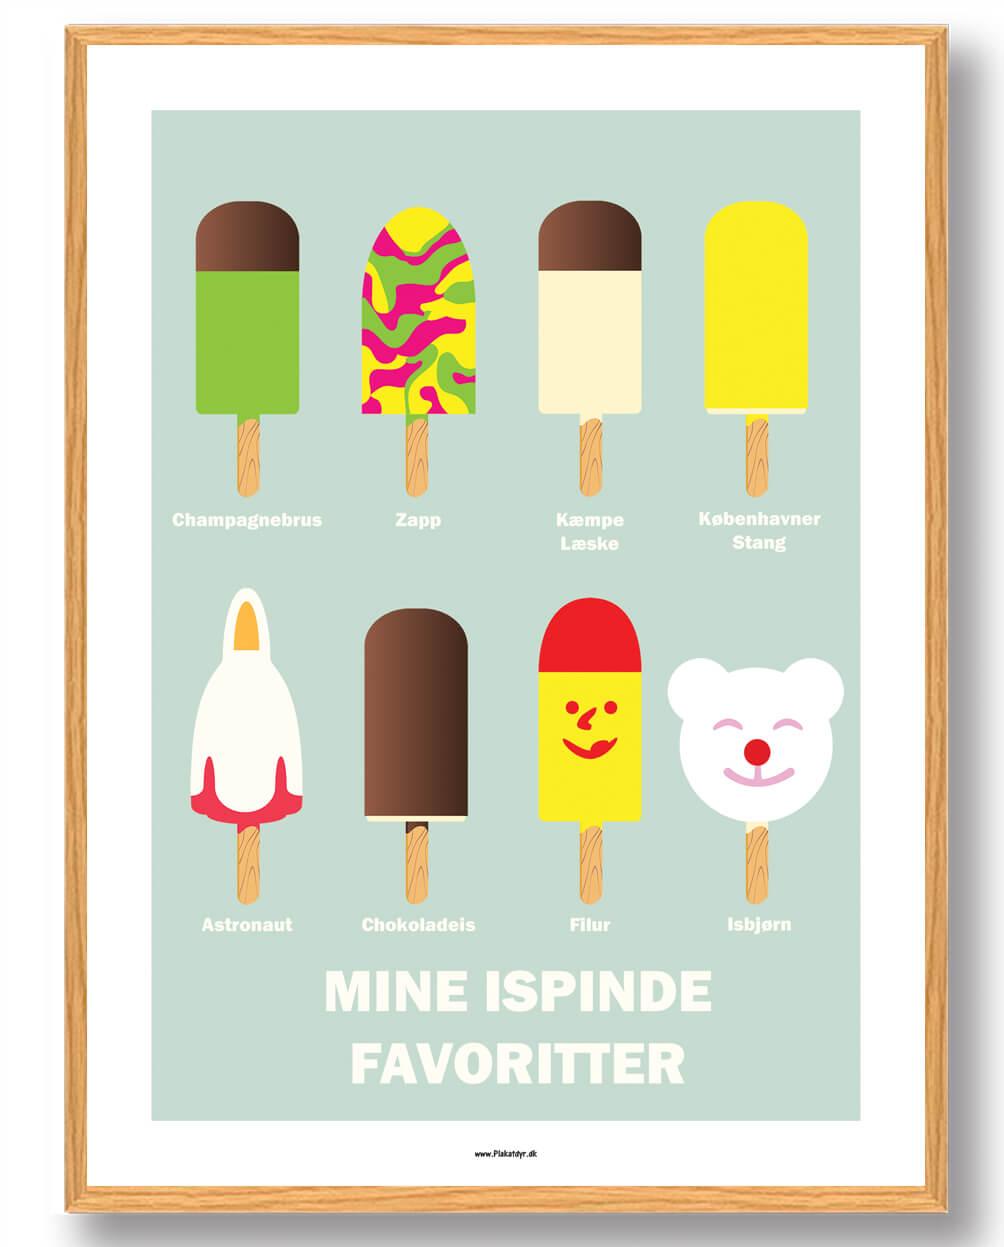 Mine ispinde favoritter - plakat